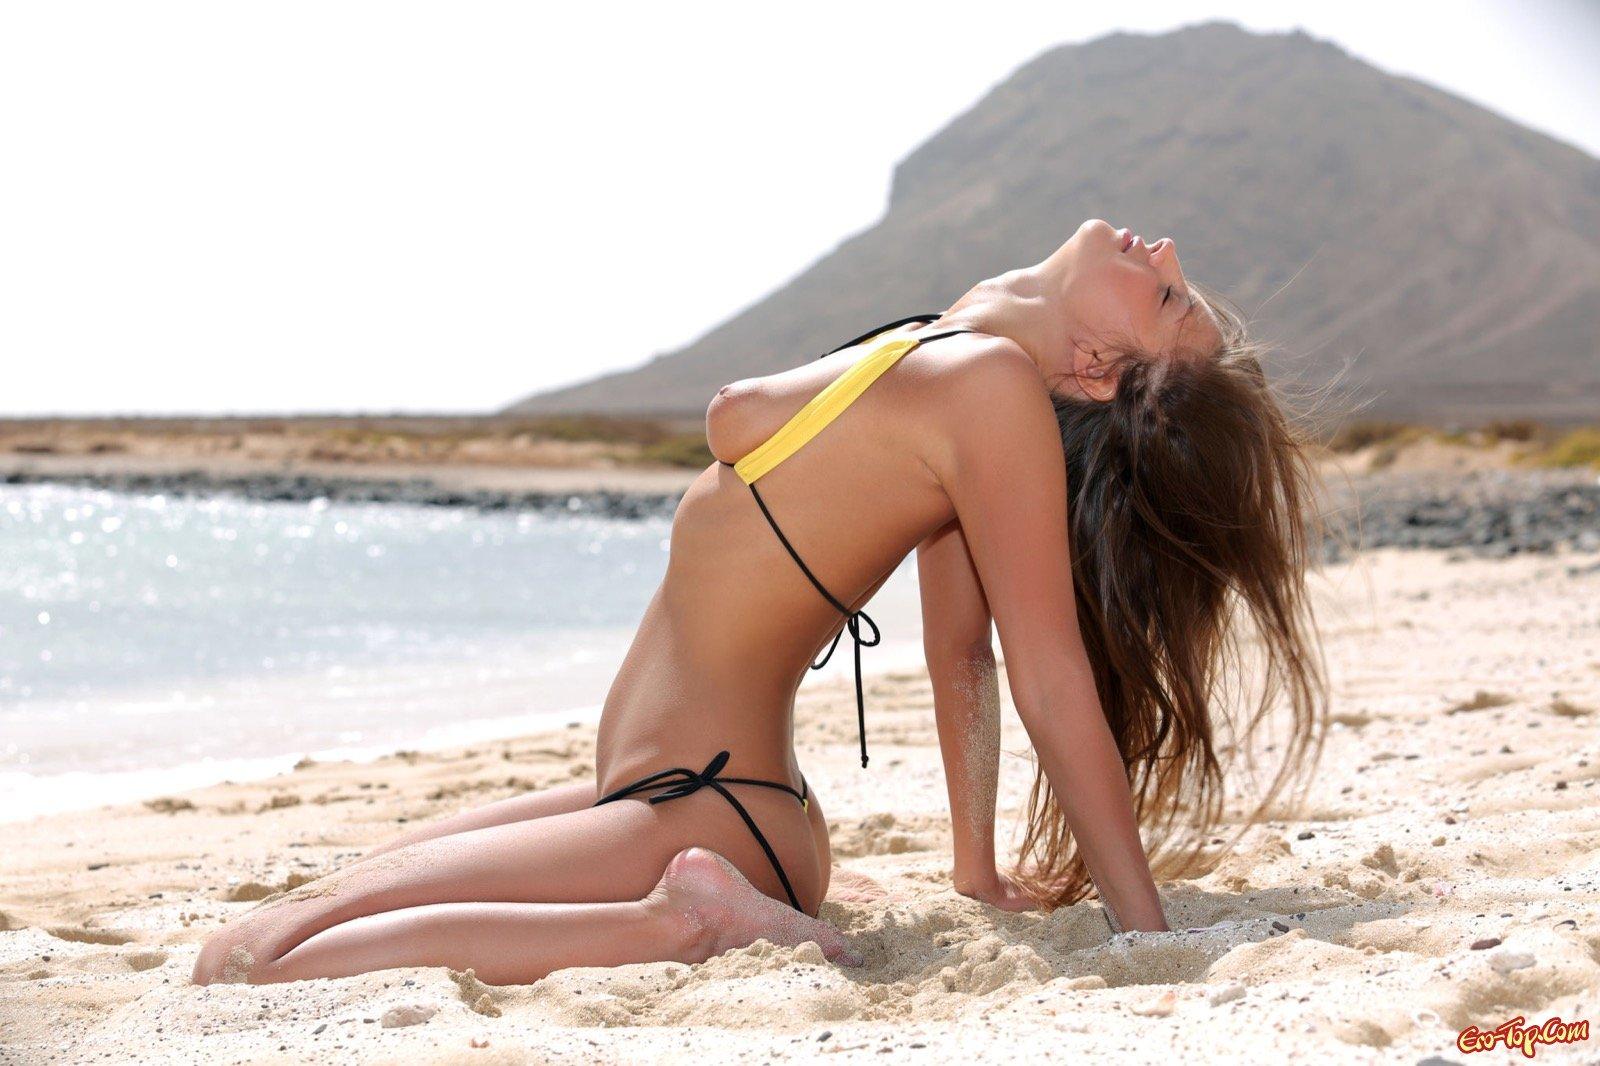 Русская кобыла засветила загорело тело на берегу моря